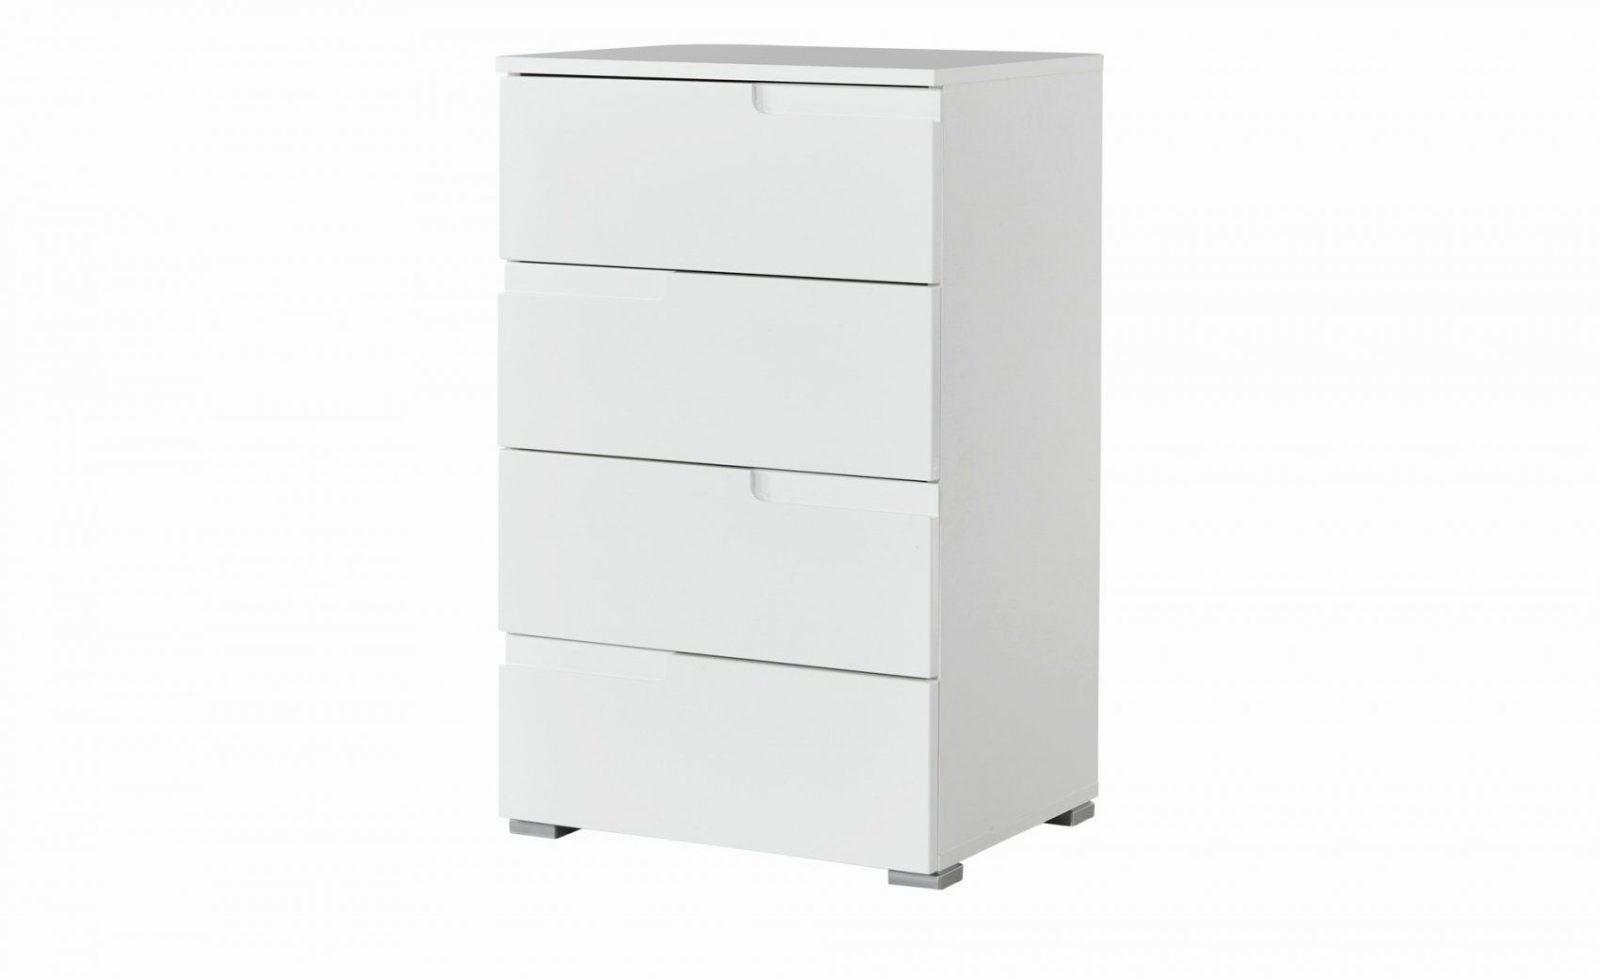 schrank 100 cm breit luxus schrank 50 cm tief finest ka. Black Bedroom Furniture Sets. Home Design Ideas